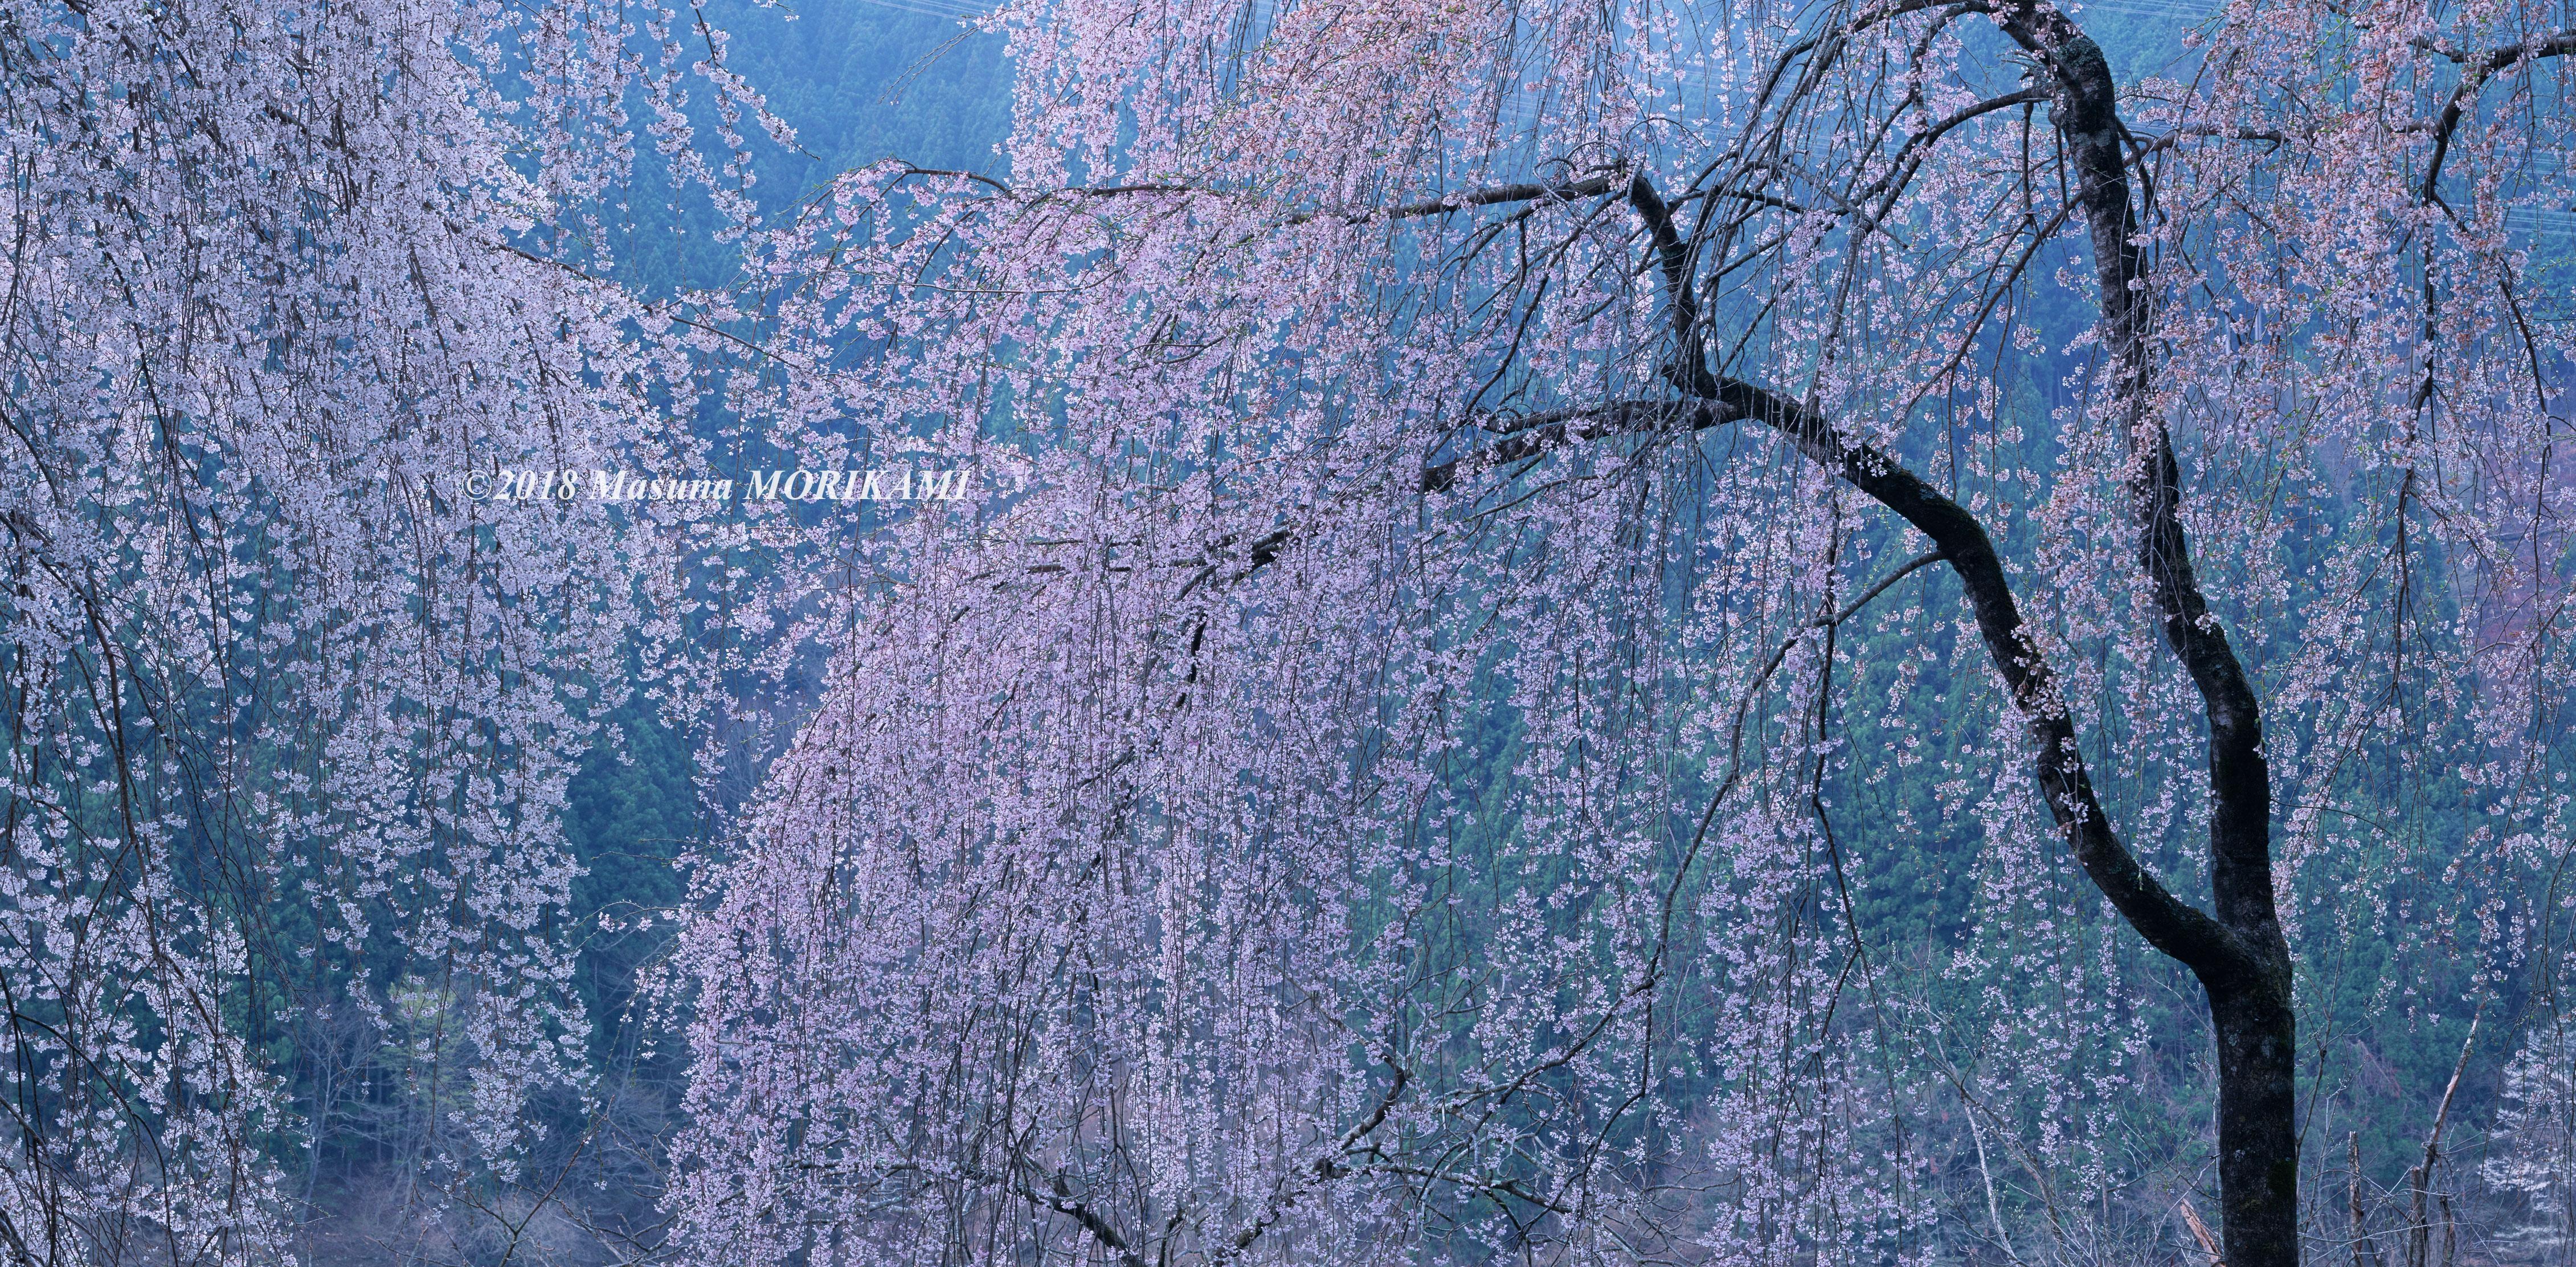 02 千の桜花/愛知県豊根村/2010.4.11 5:45